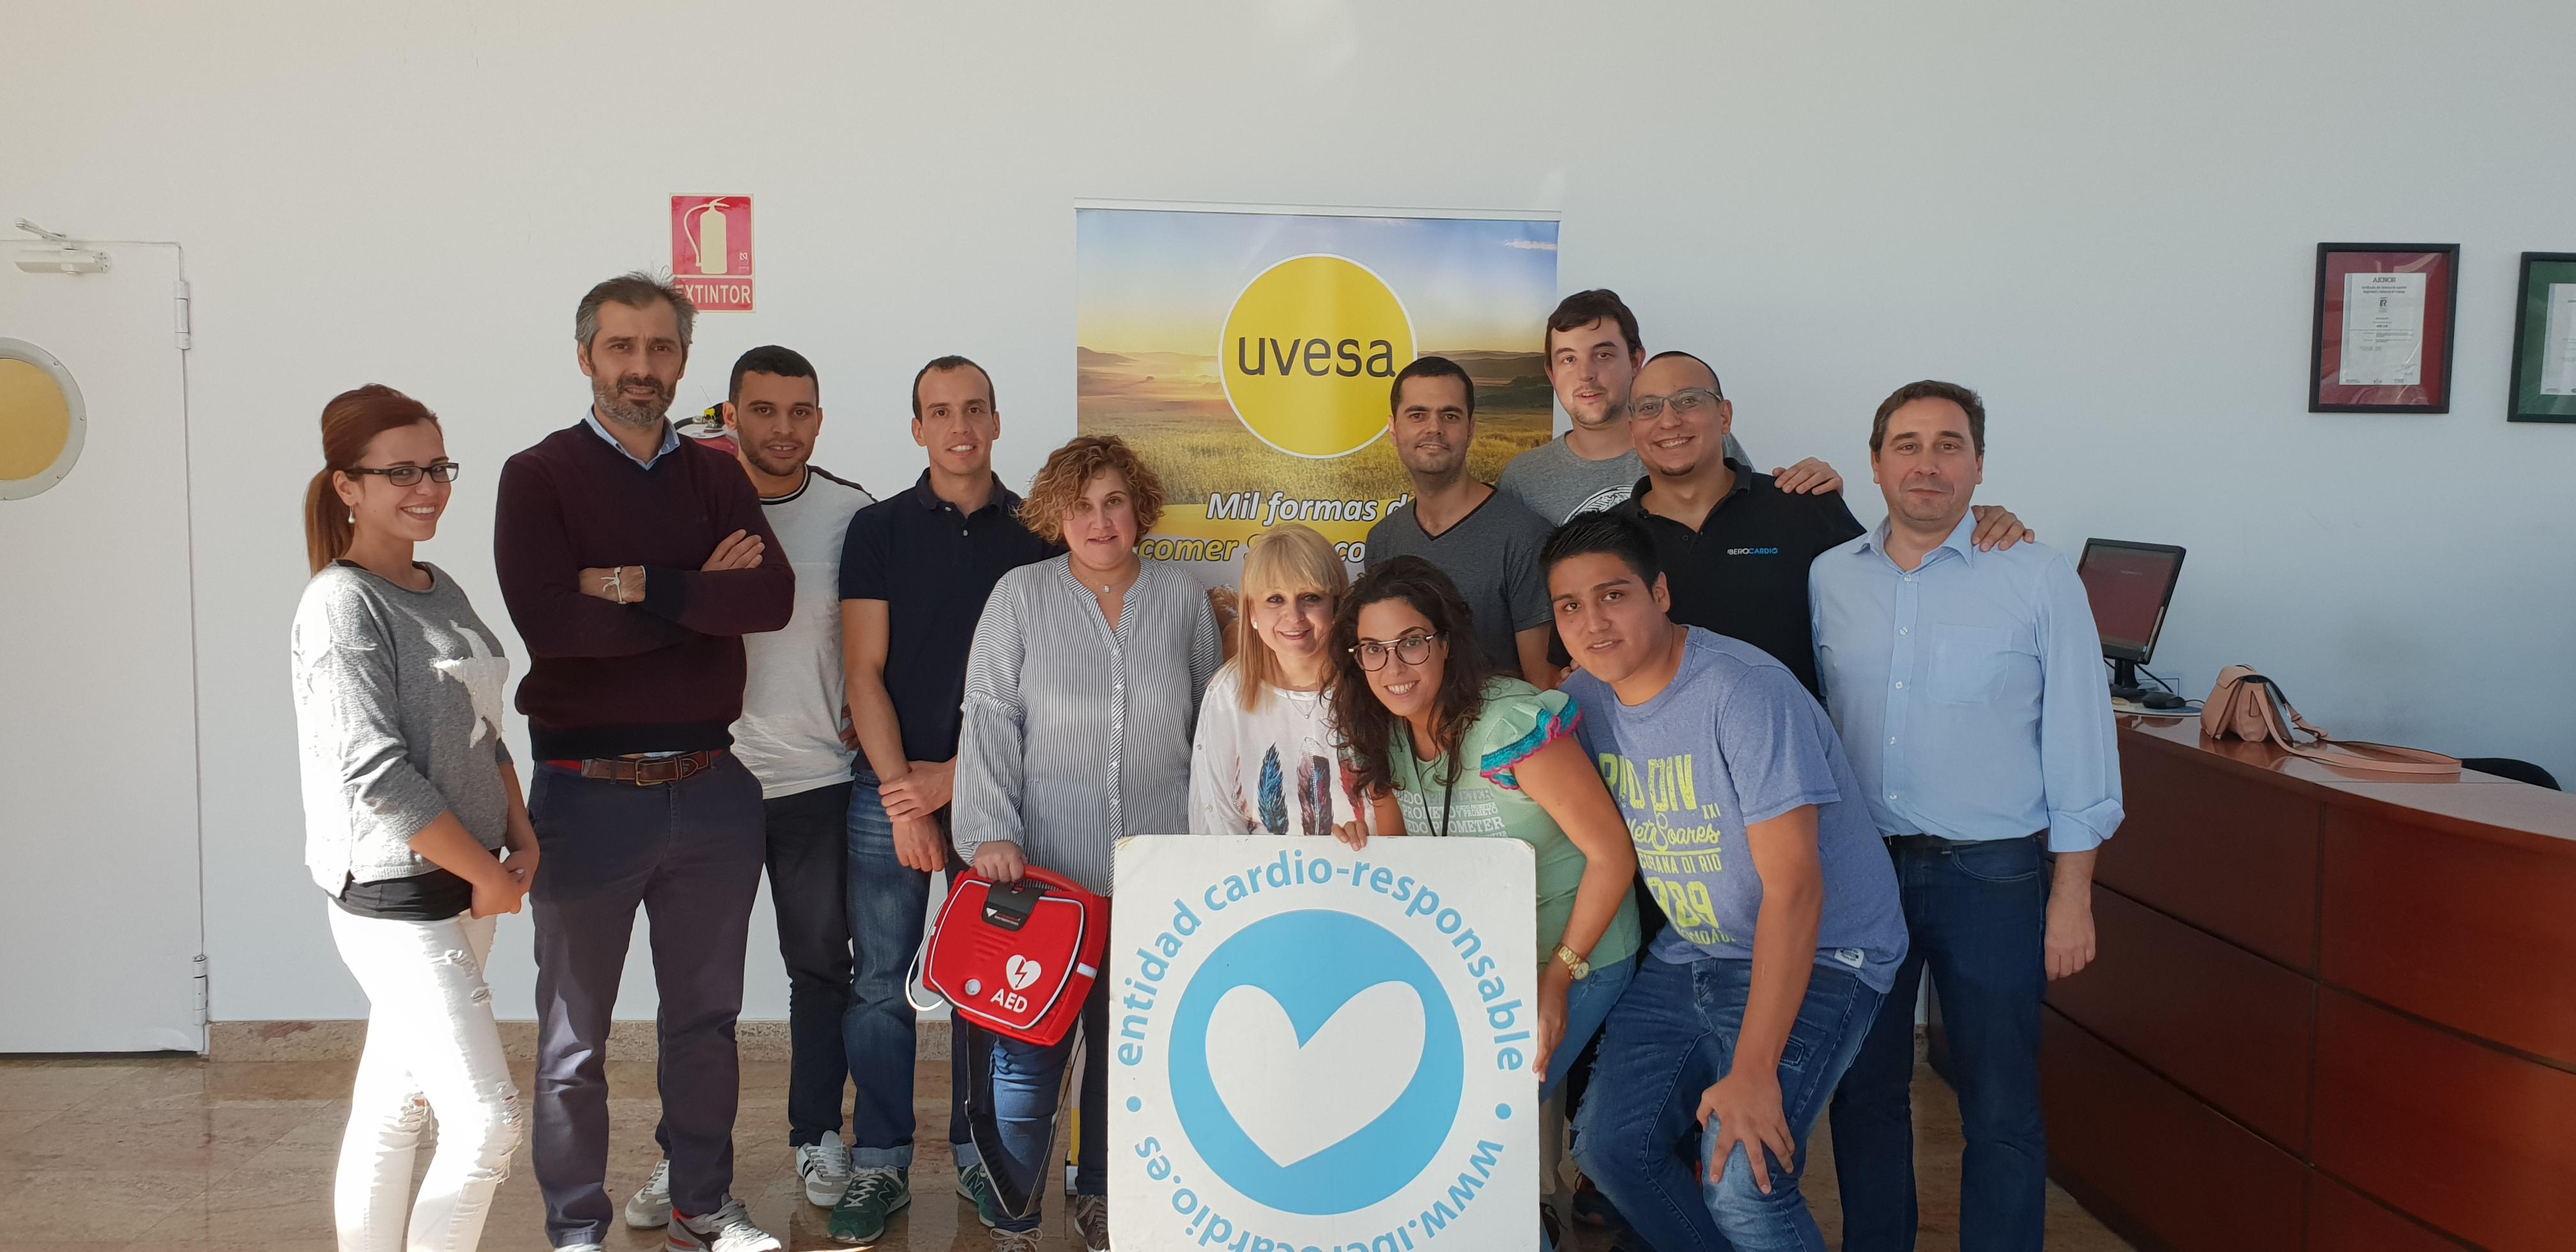 Uvesa se convierte en entidad Cardio-Responsable emitido por IBEROCARDIO